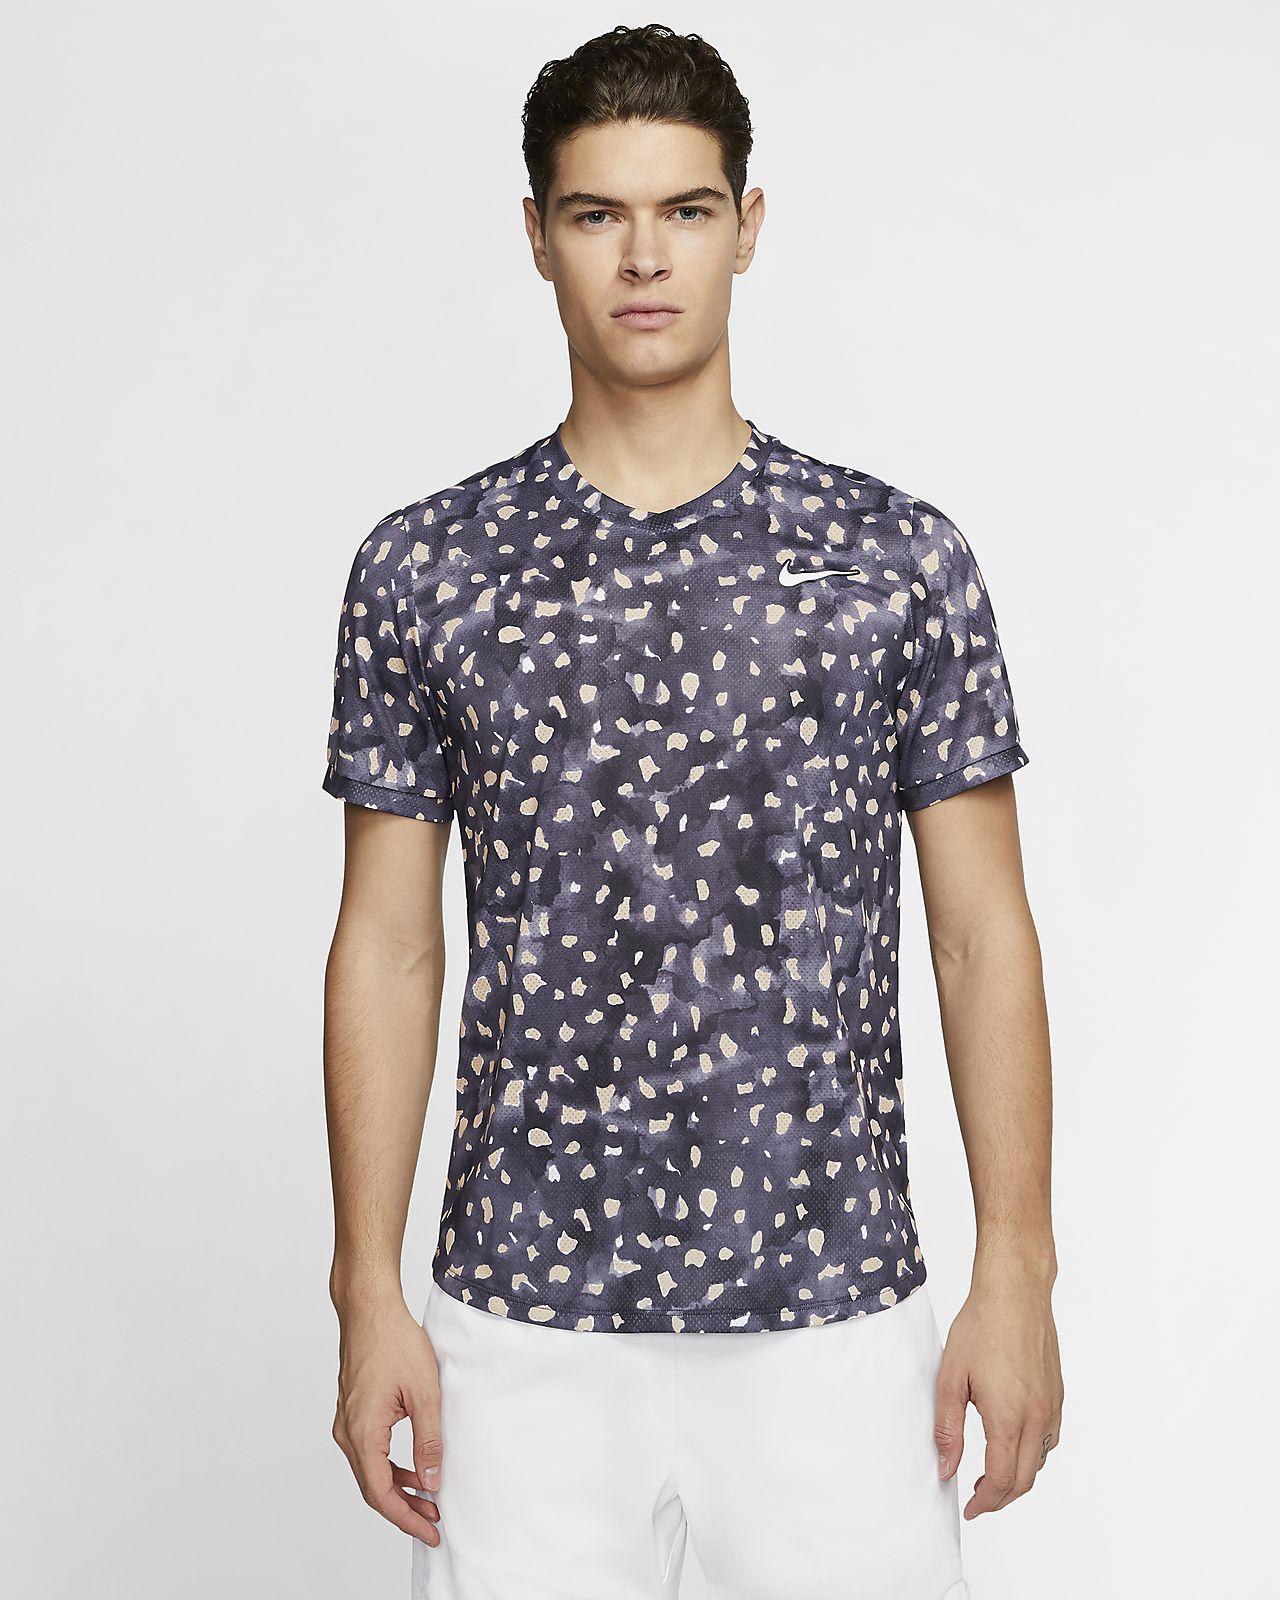 Court Challenger T Shirt